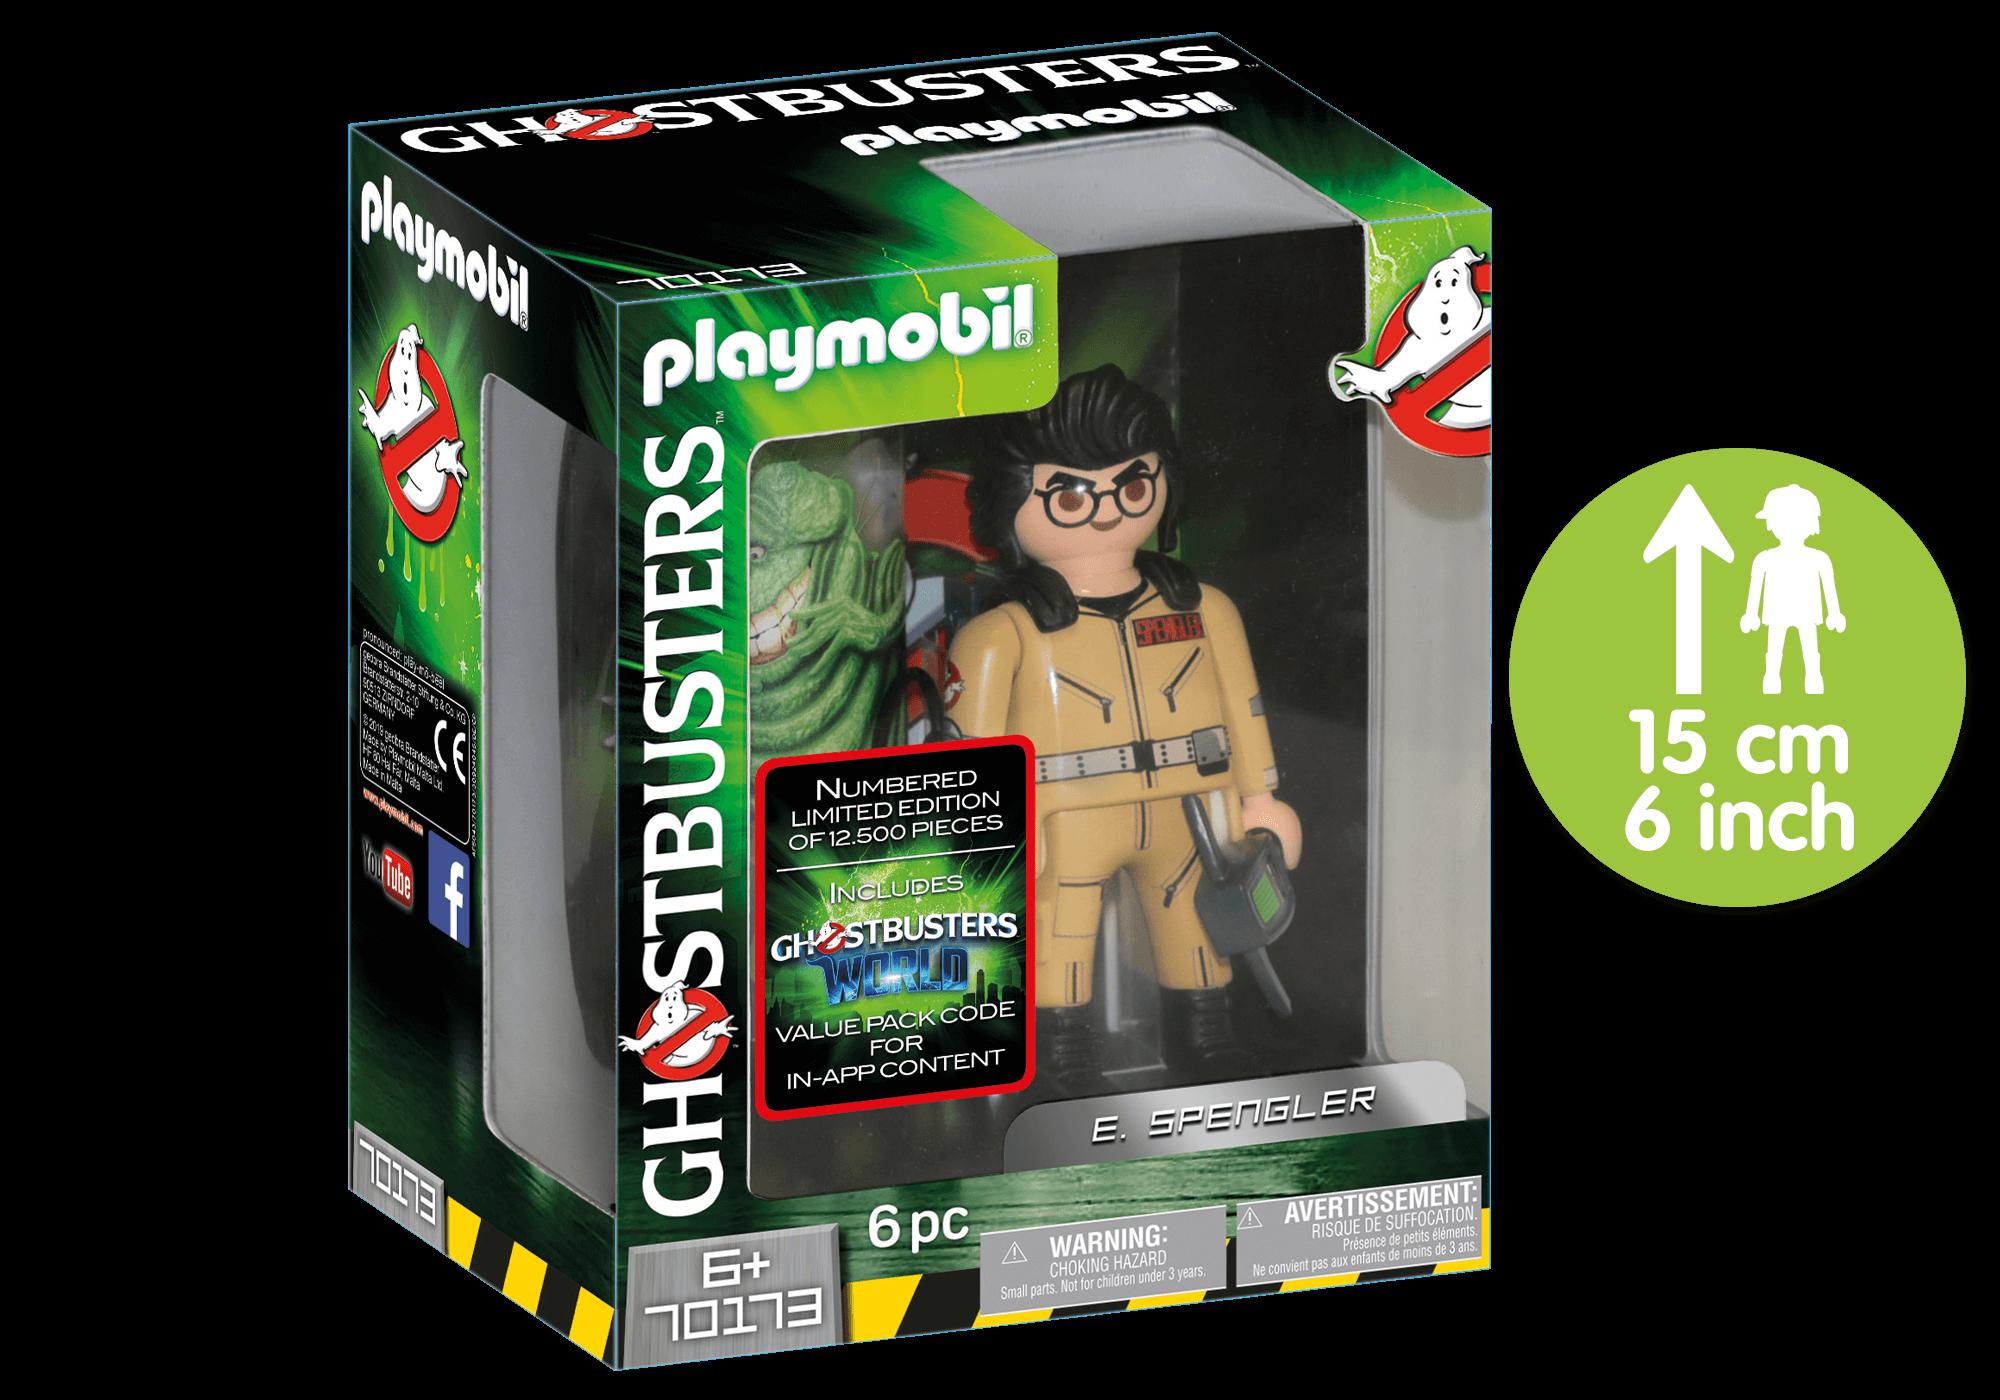 http://media.playmobil.com/i/playmobil/70173_product_detail/Ghostbusters™ Sammlerfigur E. Spengler